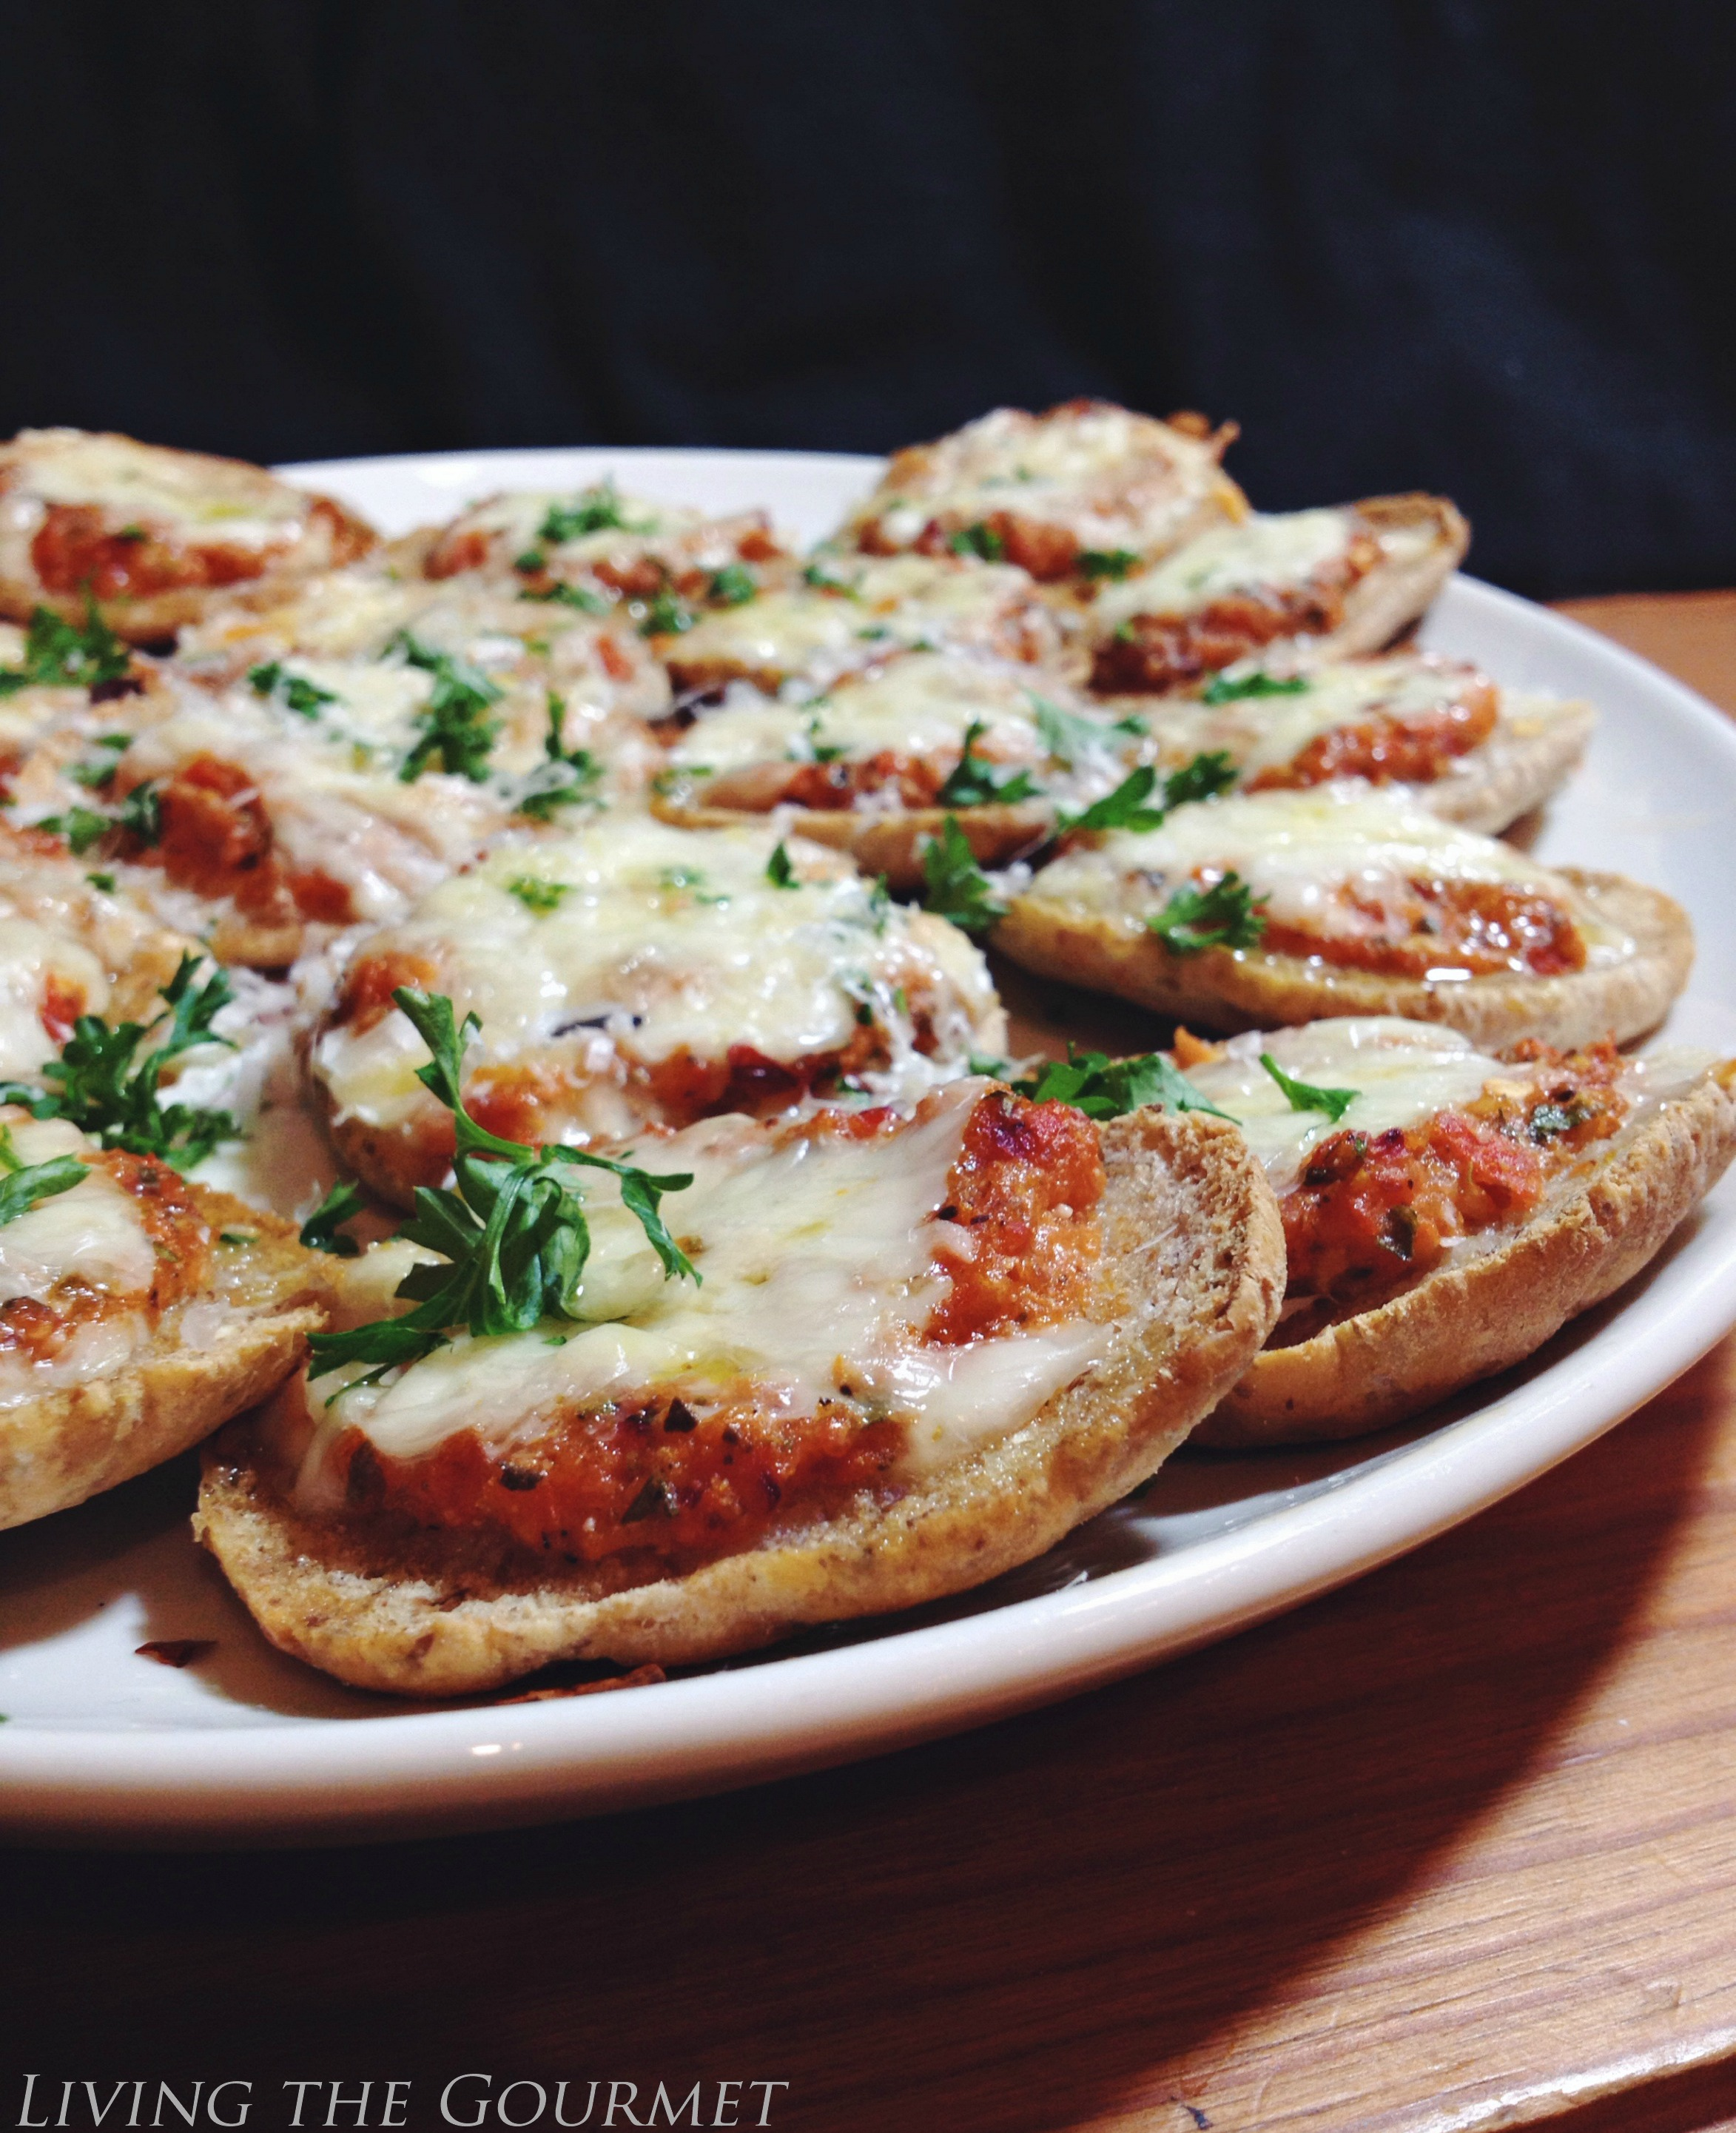 Living the Gourmet: Fresh Tomato Pizza Sliders